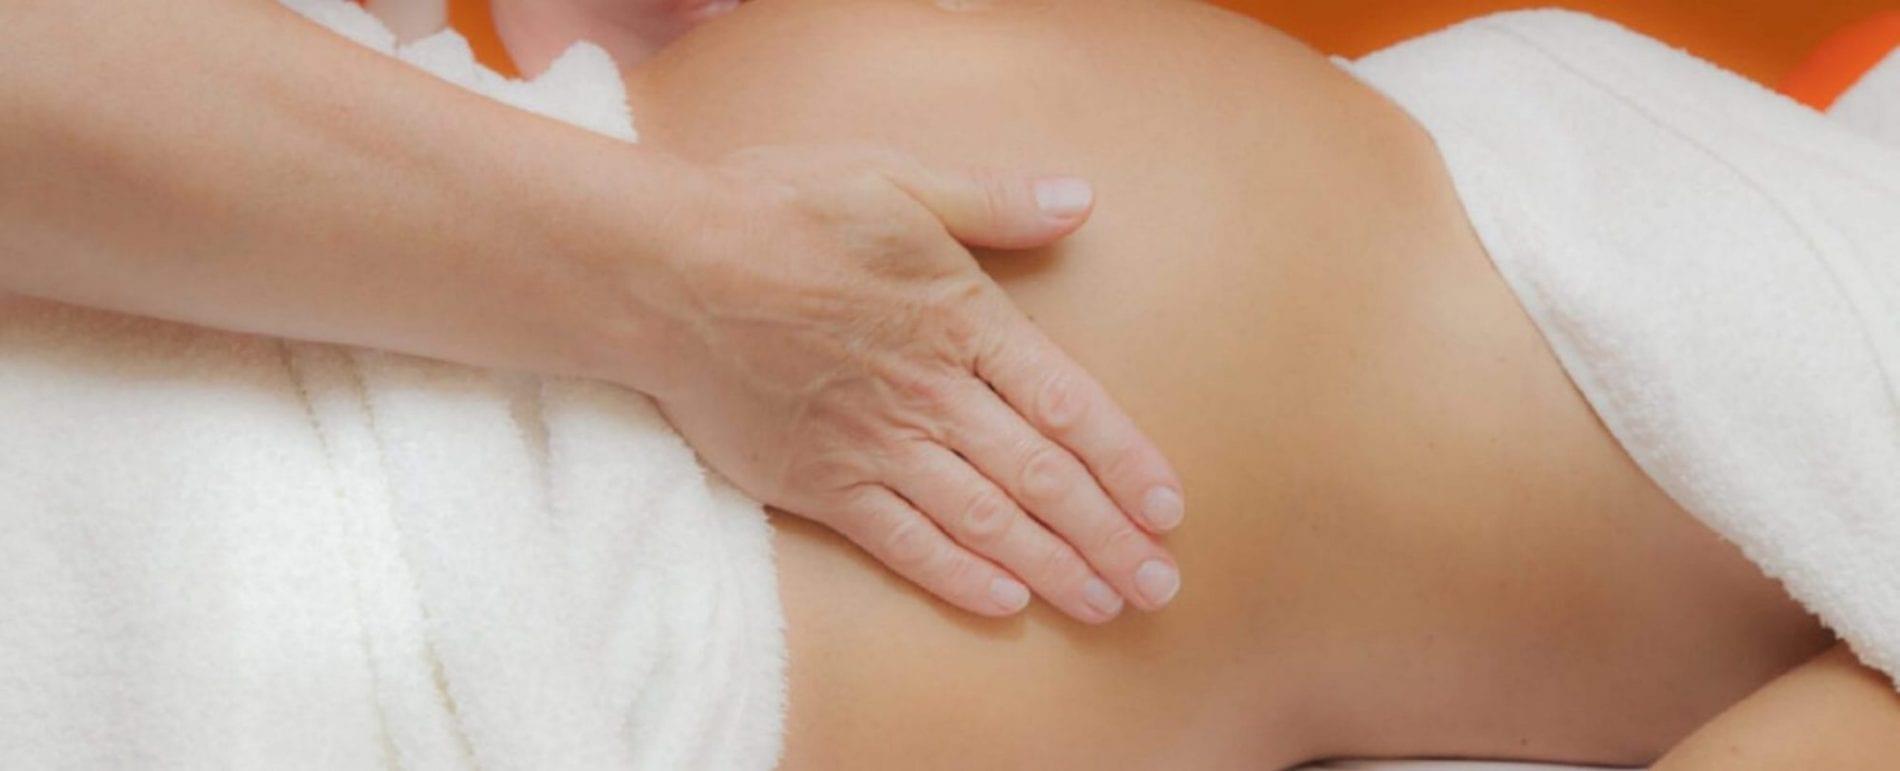 60 Minute Prenatal Massage 1500x609@2x Scaled